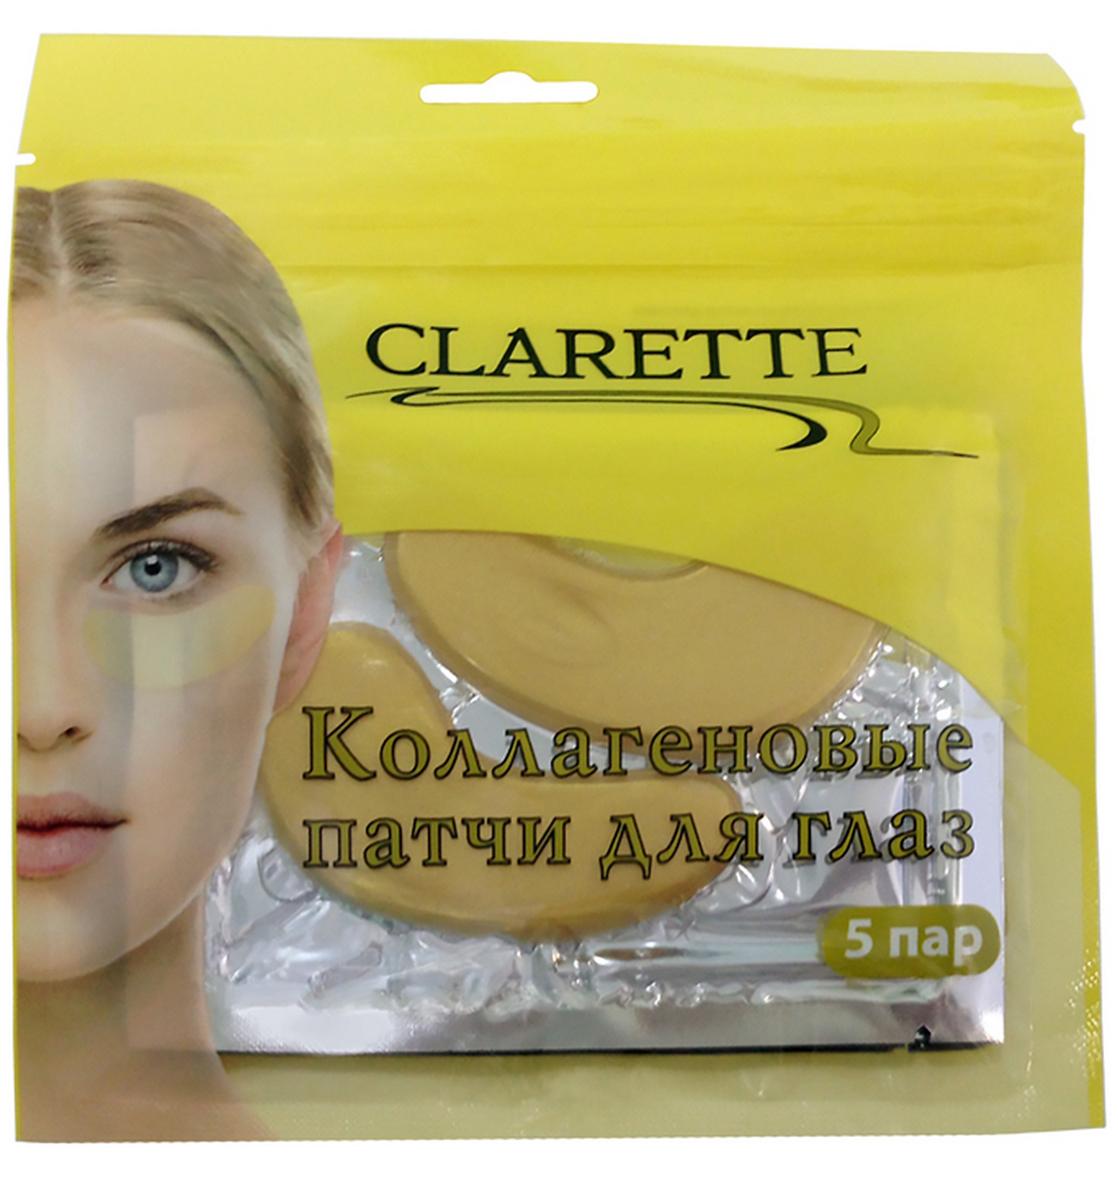 Clarette Коллагеновые патчи для глазPC06-00140Инновационное средство для кожи вокруг глаз. Создано из ингредиентов, включающих натуральные экстракты и коллаген.За 10-20 минут компоненты, входящие в маску, под воздействиемтемпературы тела будут активизироваться и впитываться прямо в кожу через открытые поры, дополнительно обеспечивая впитывание таких вещевств как коллаген, отбеливающая эссенция, увлажняющие компоненты и различные виды витаминов.